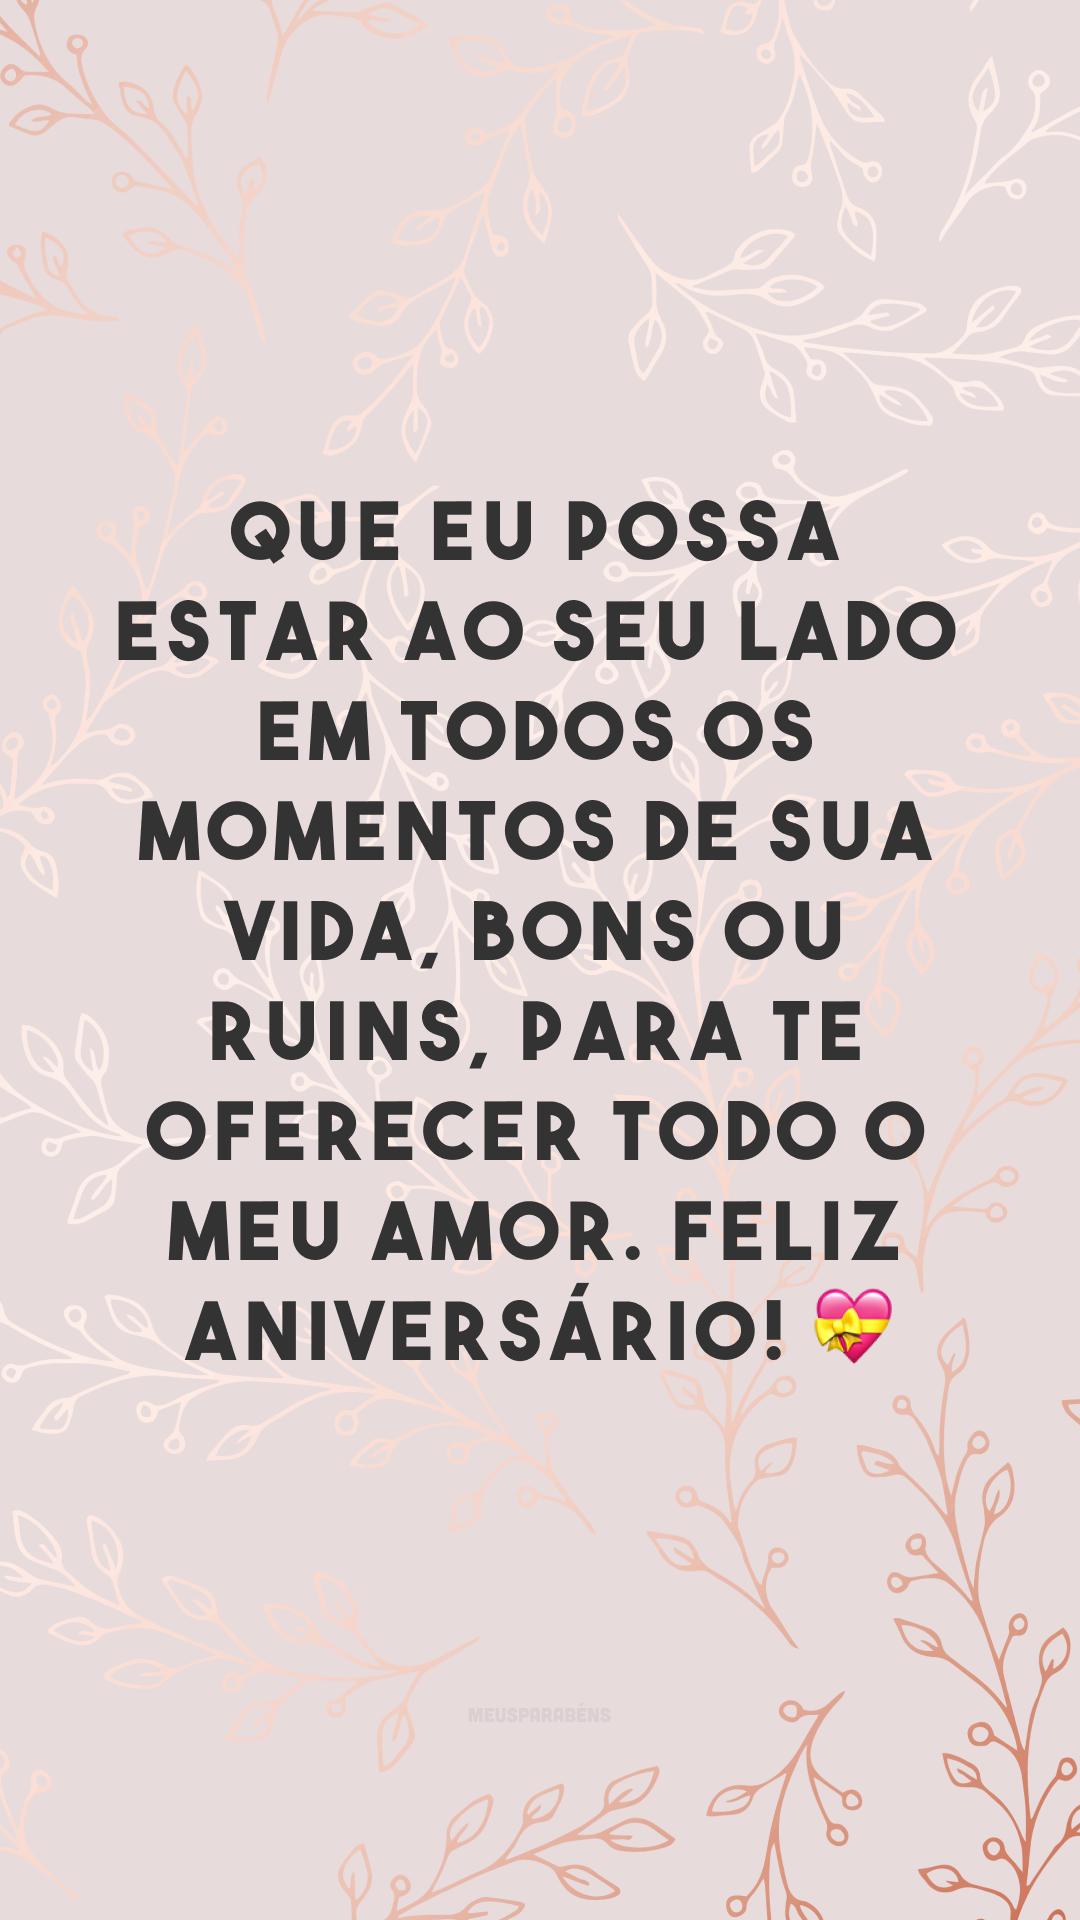 Que eu possa estar ao seu lado em todos os momentos de sua vida, bons ou ruins, para te oferecer todo o meu amor. Feliz aniversário! 💝